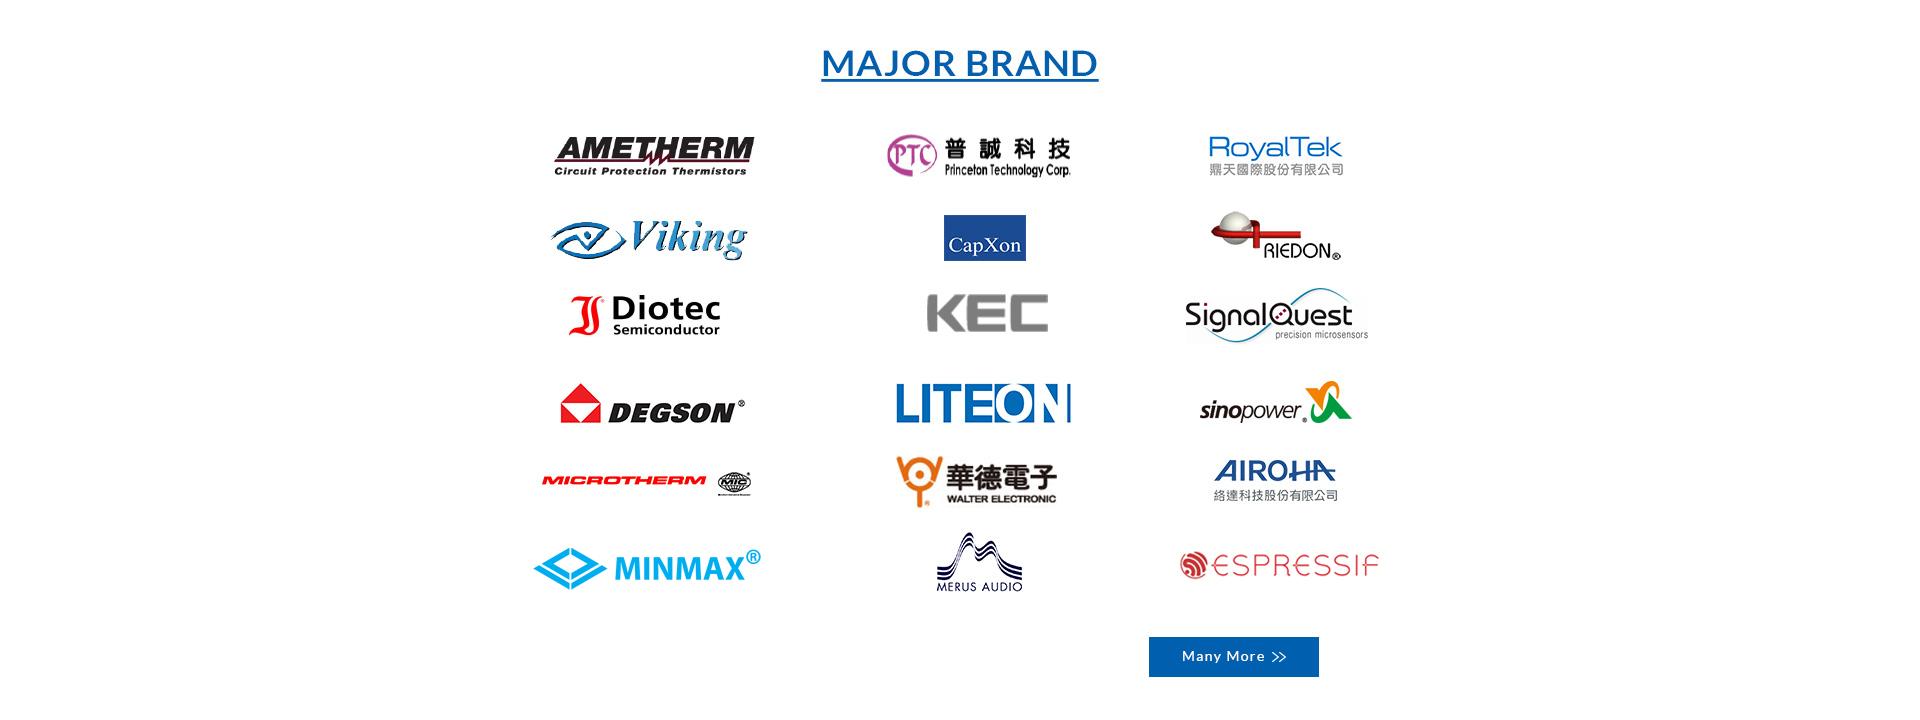 major-brands-2